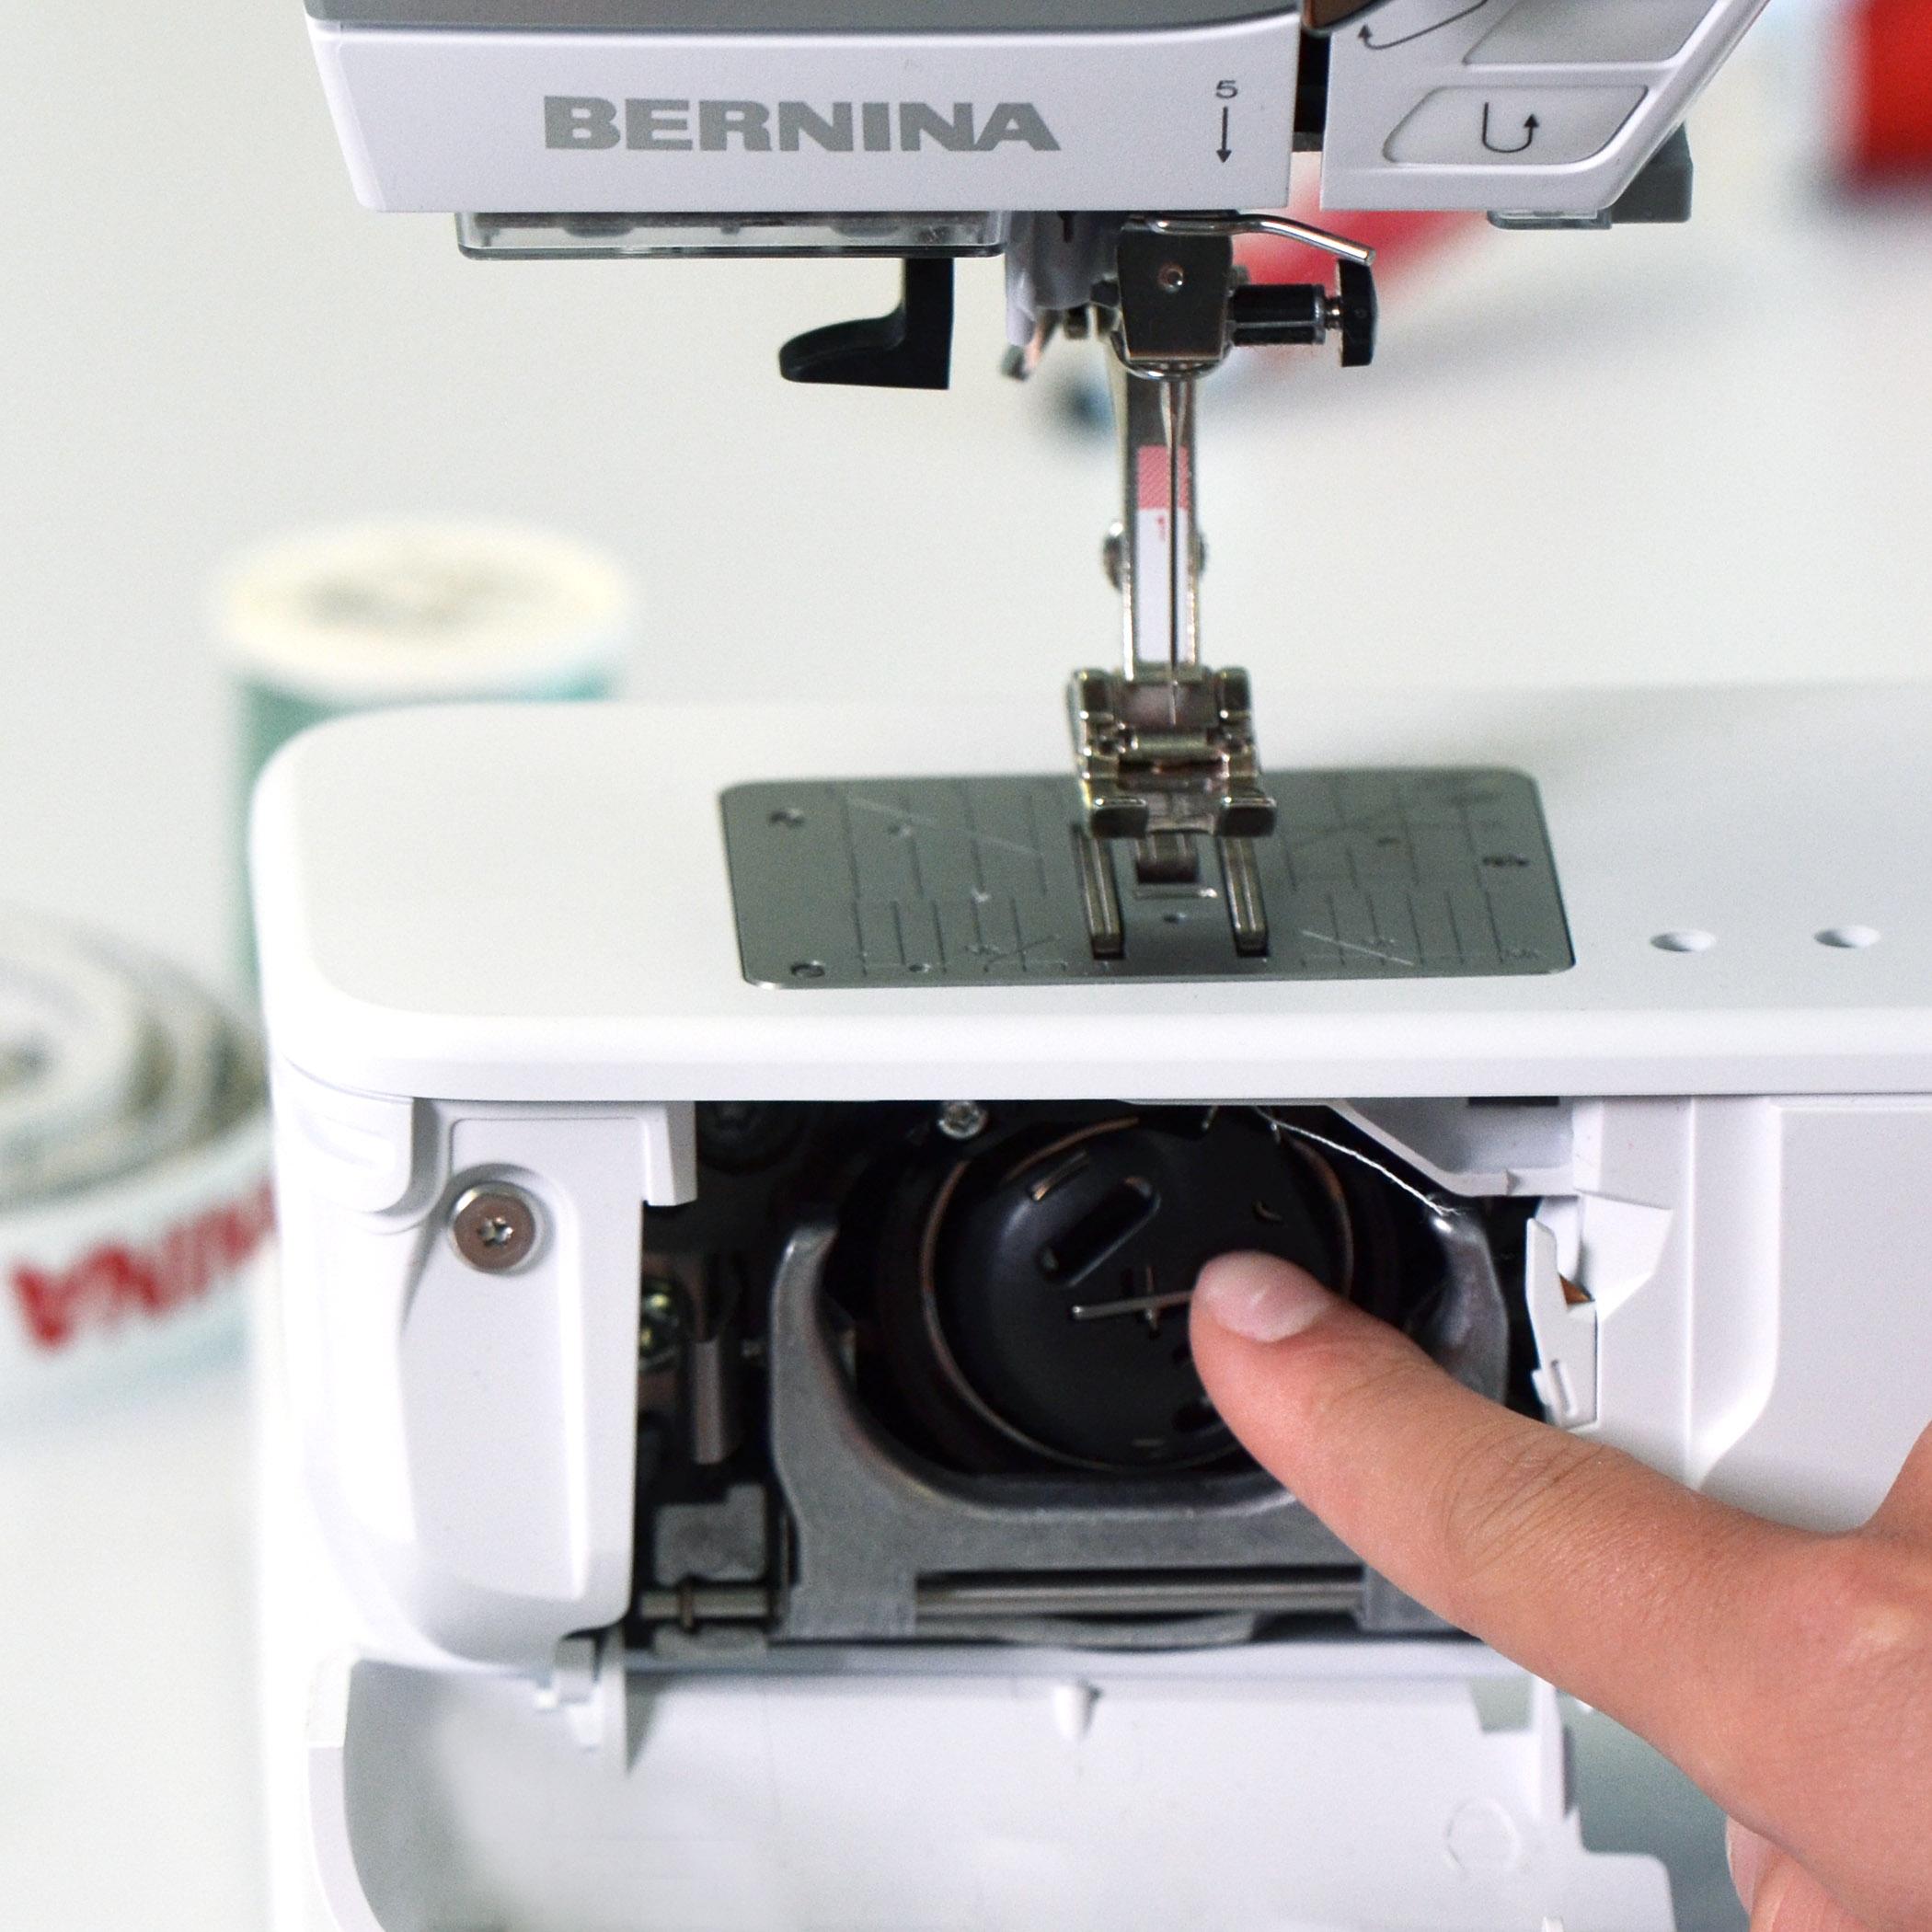 BERNINA-455-Feature-Greifersystem